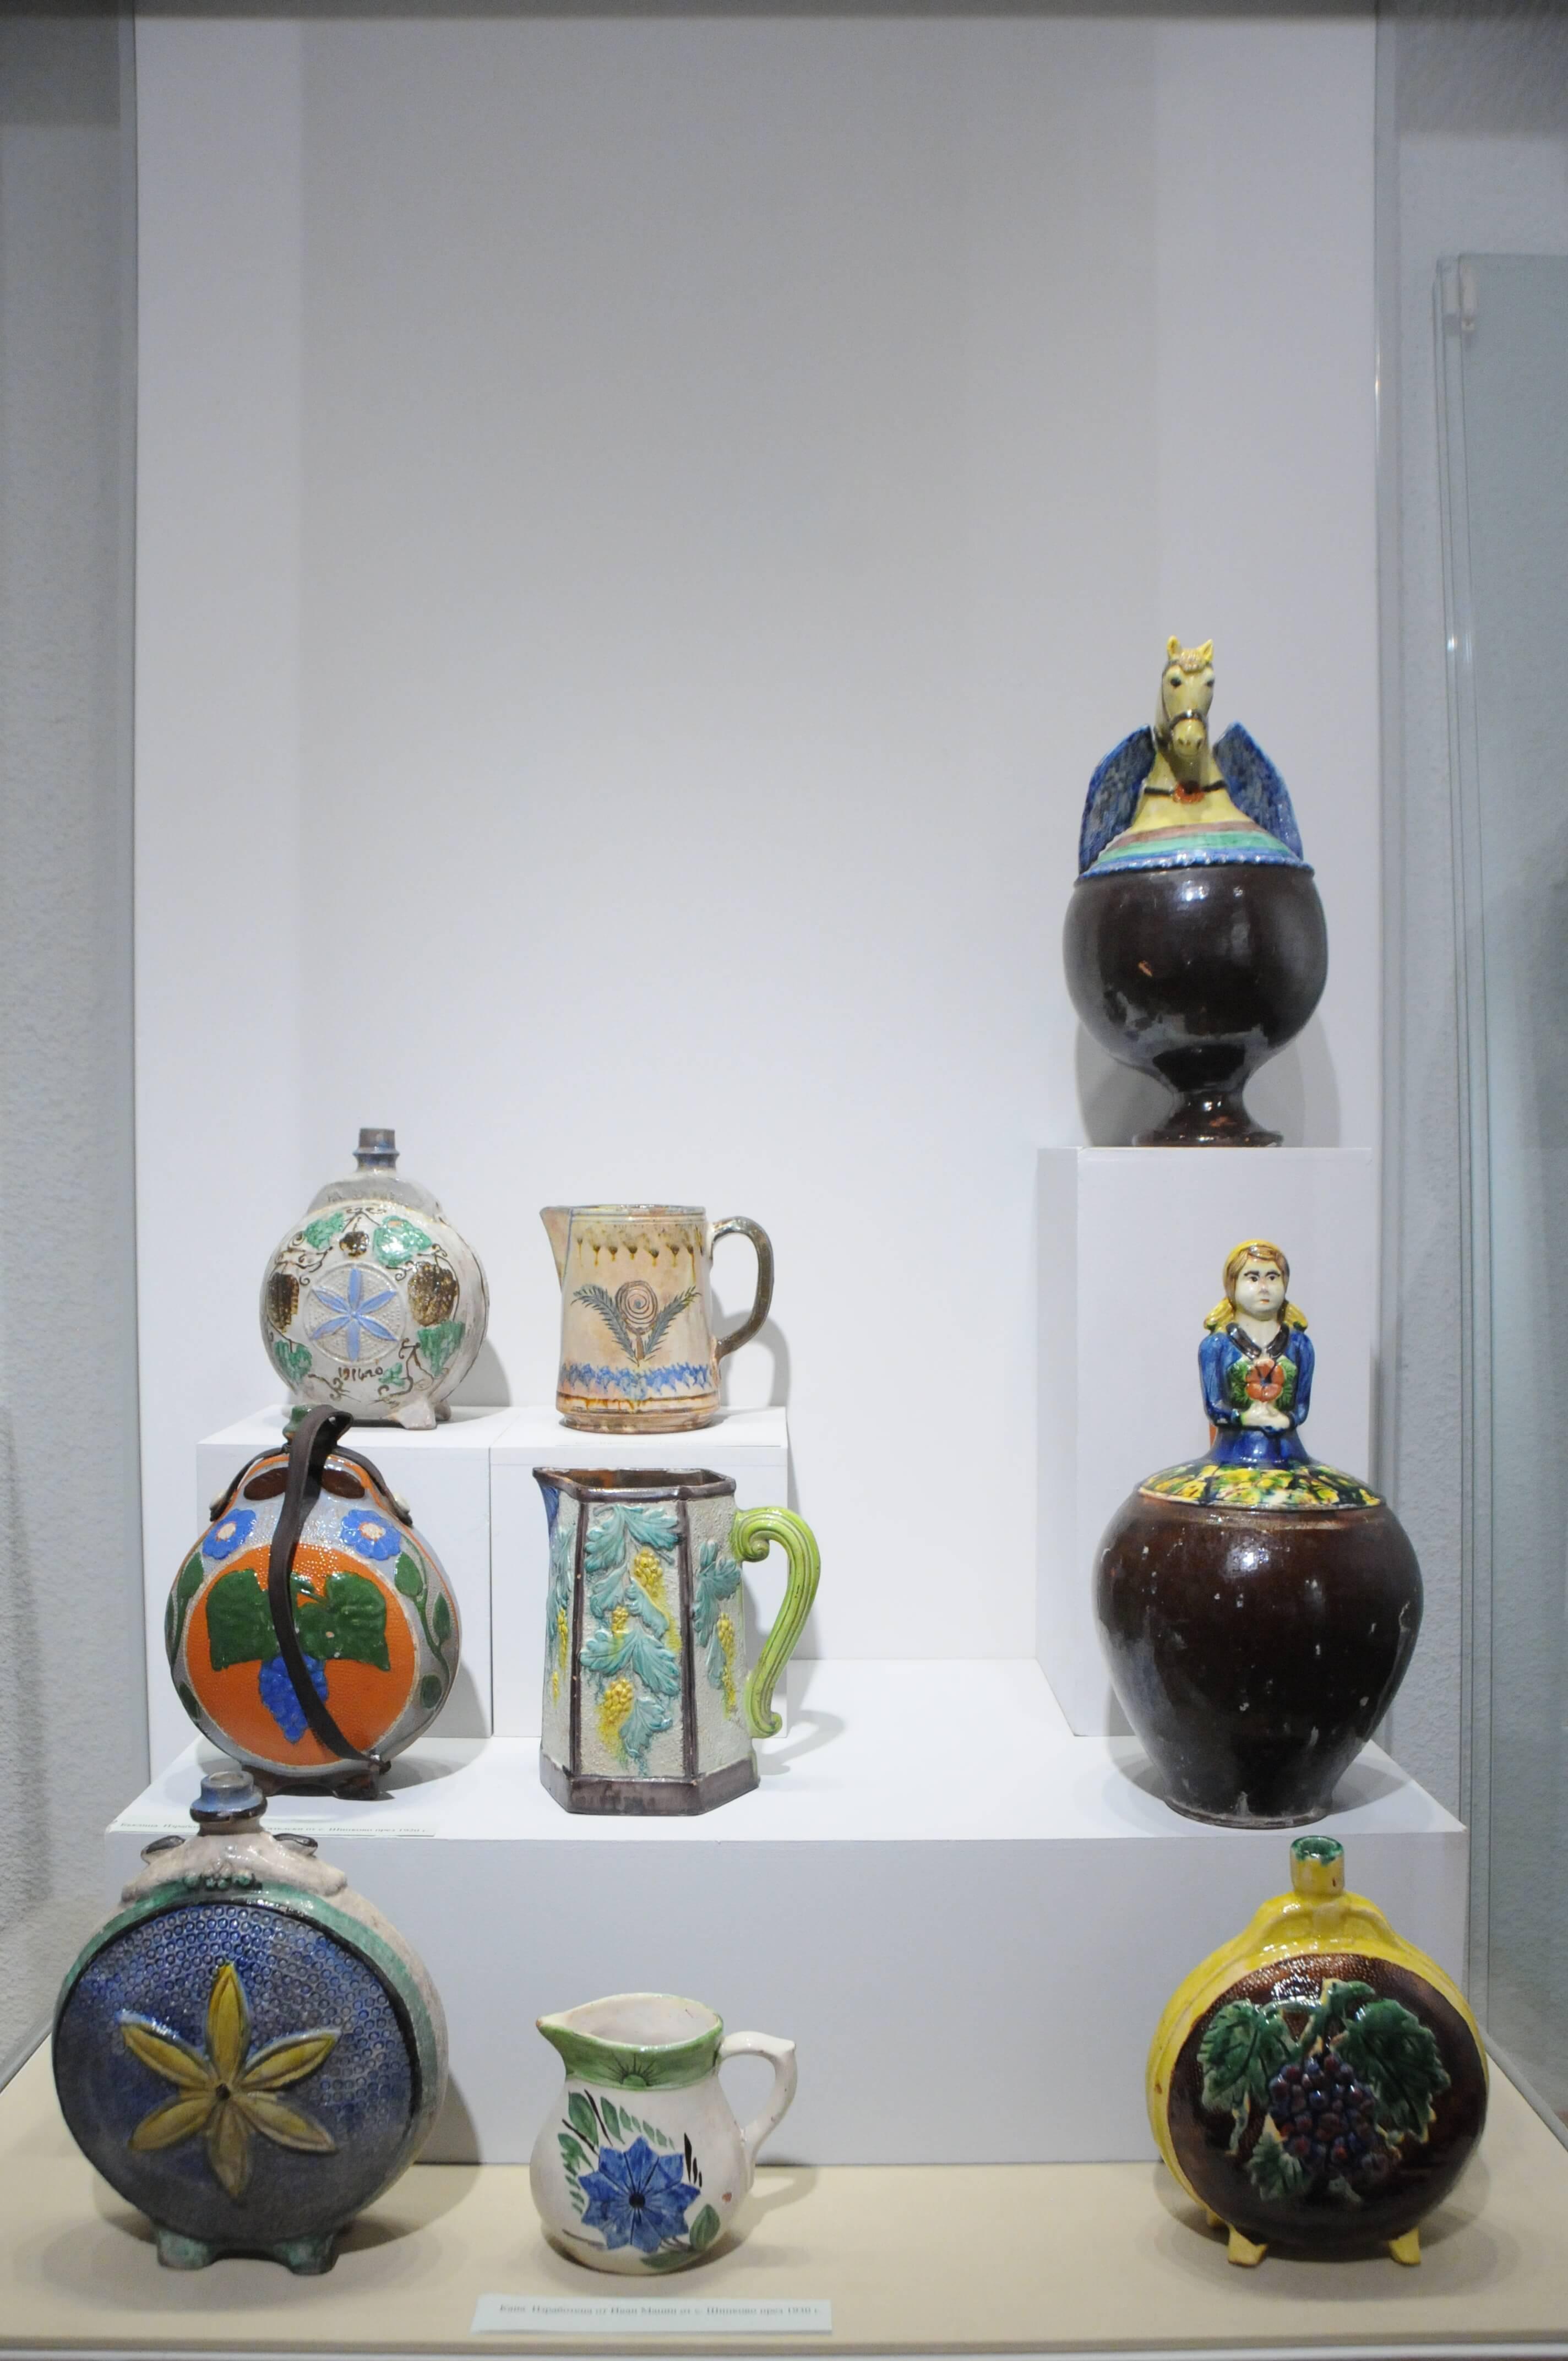 bogatstvoto-na-troyanskata-keramika (14)